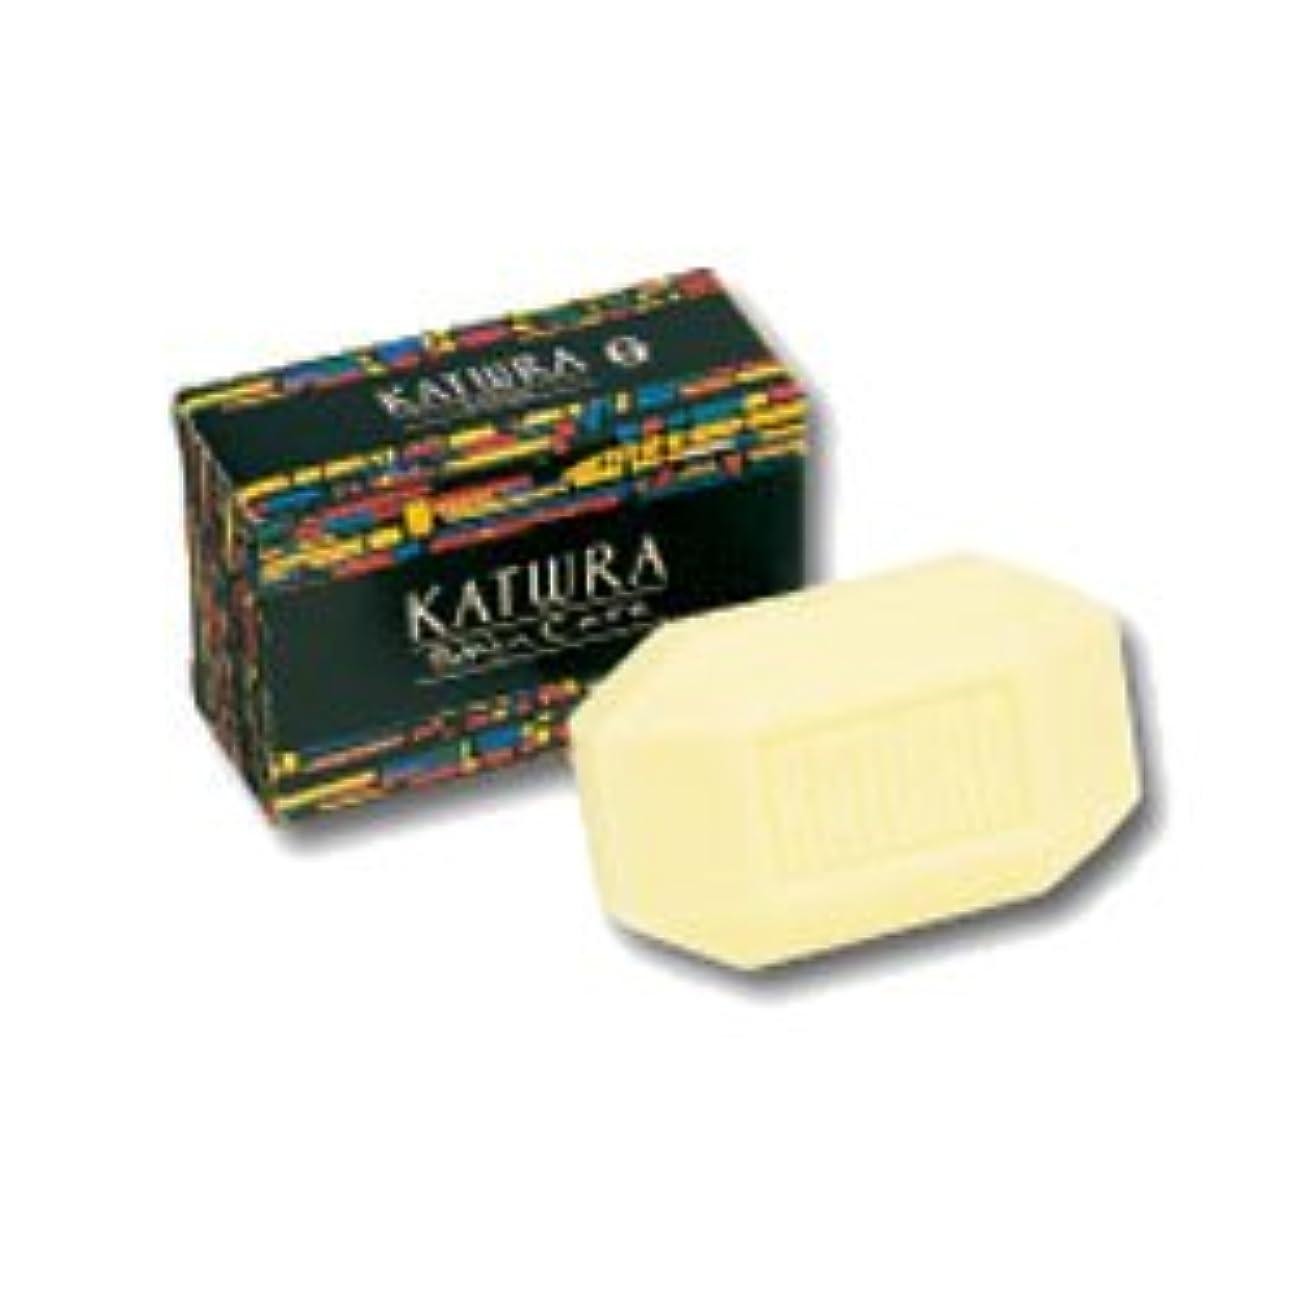 サイレント疲労教【カツウラ化粧品】カツウラ?サボン(グリーンフローラルの香り) 100g ×3個セット